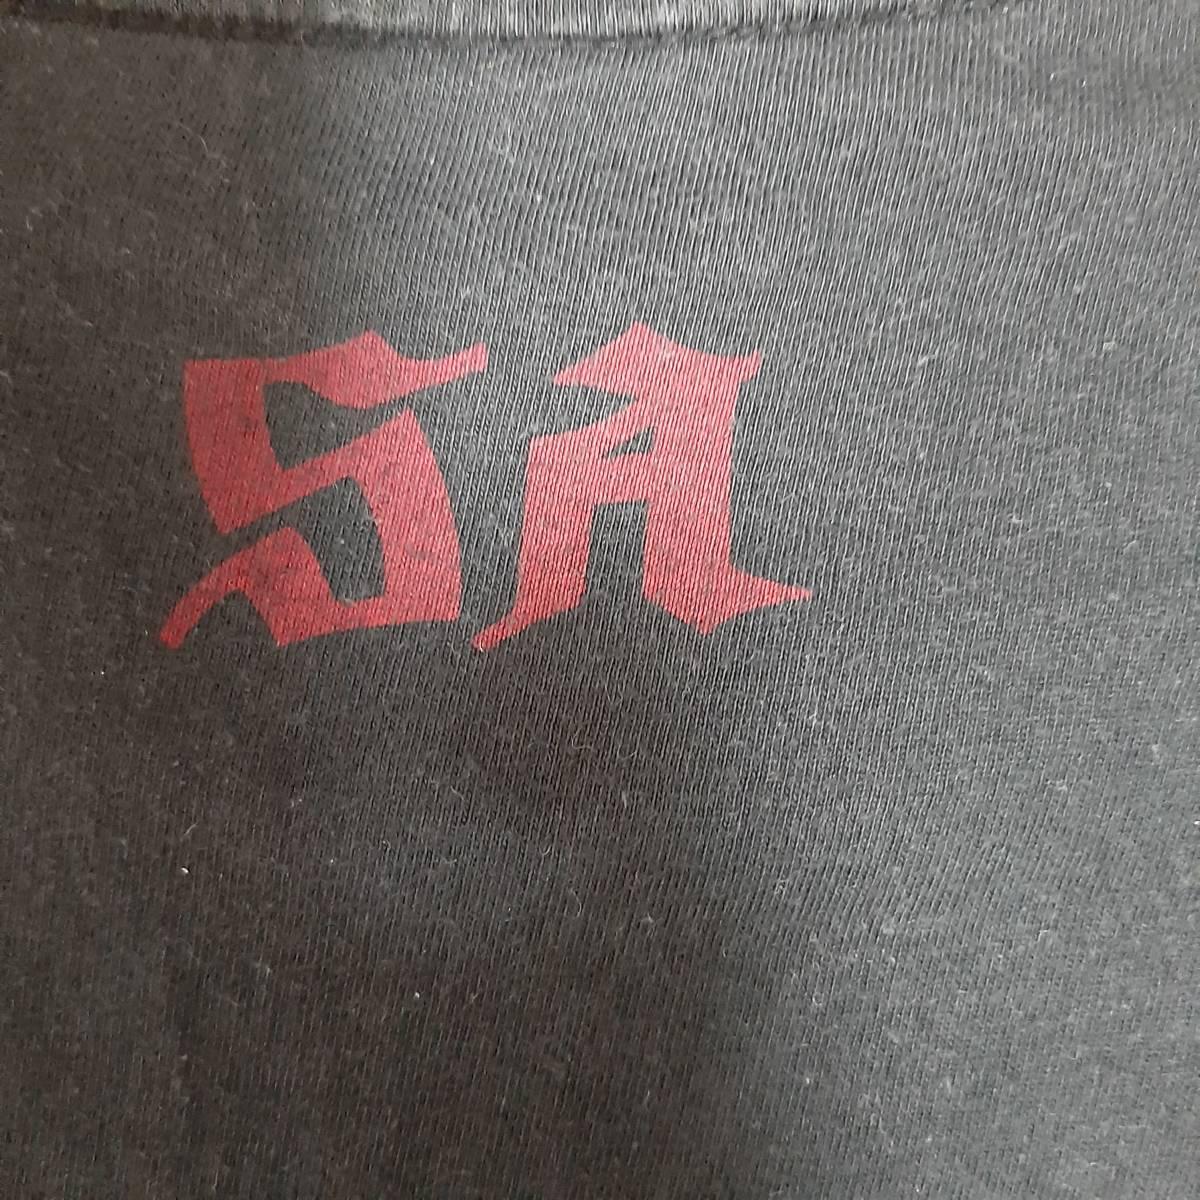 レア バンドTシャツ SA エスエー START ALL OVER AGAIN 2016 黒 XLサイズ ロックTシャツ パンク PUNK 古着 ラフィンノーズ